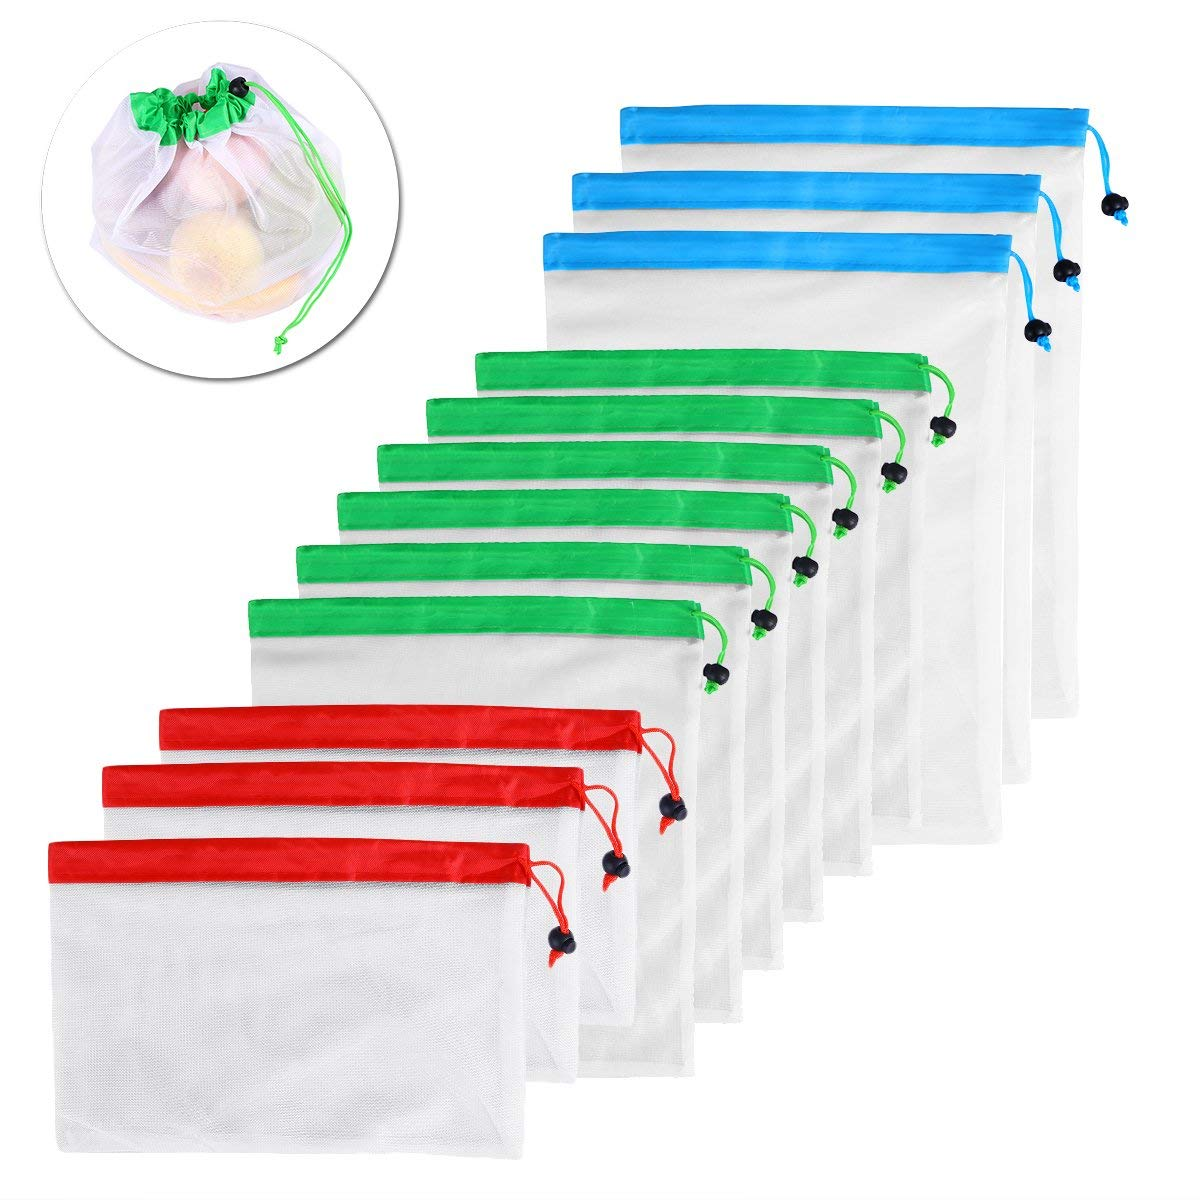 DCOS-12-pi-ces-maille-r-utilisable-produire-des-sacs-lavables-sacs-cologiques-pour-l-picerie